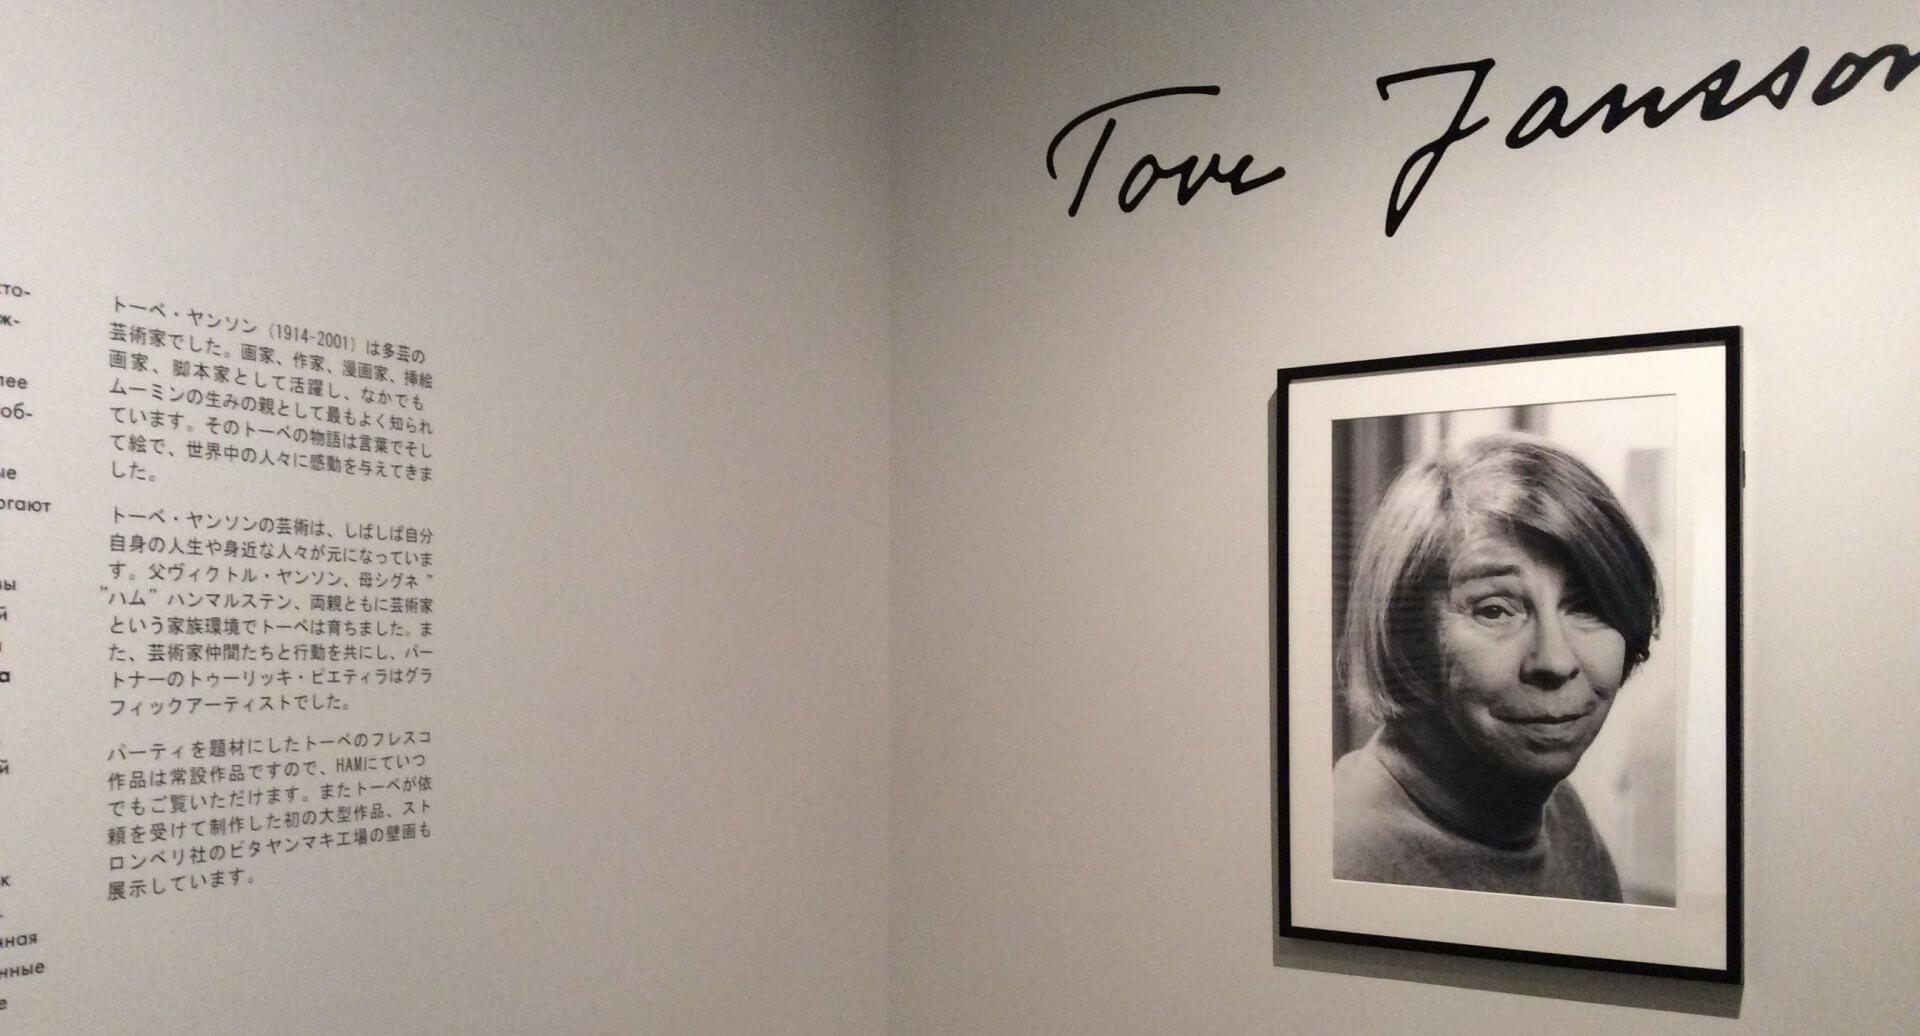 最初にトーベヤンソンの肖像と紹介文に出会う。なんと日本語でも紹介文が読めるのだ